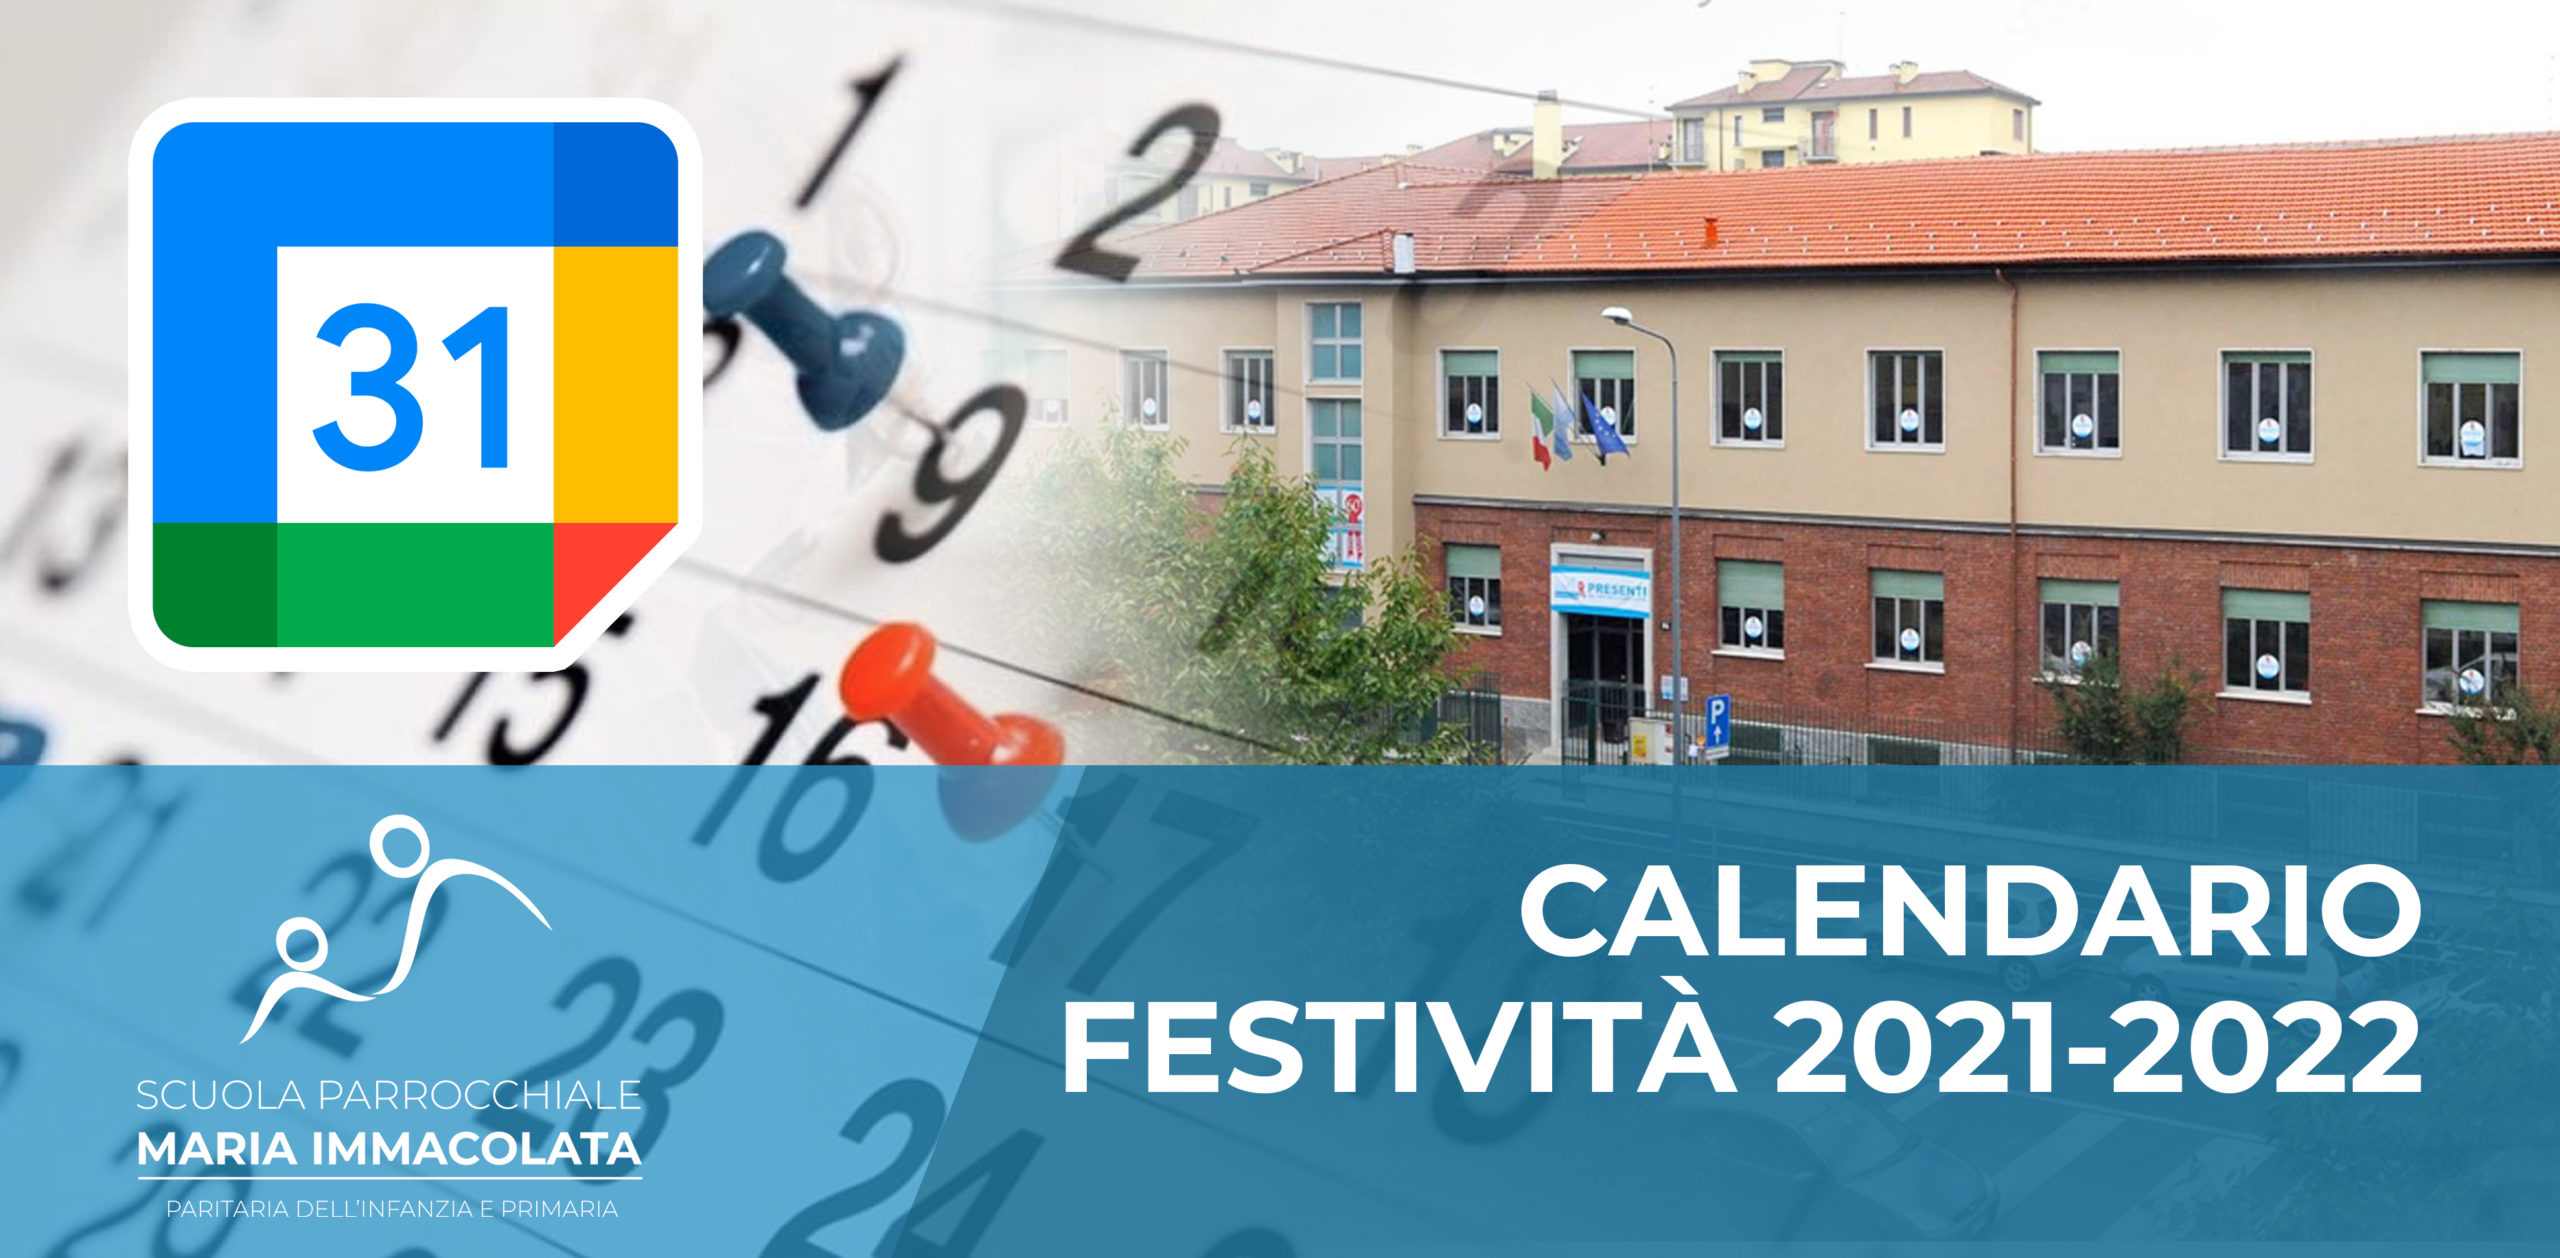 Calendario delle festività 2021-2022